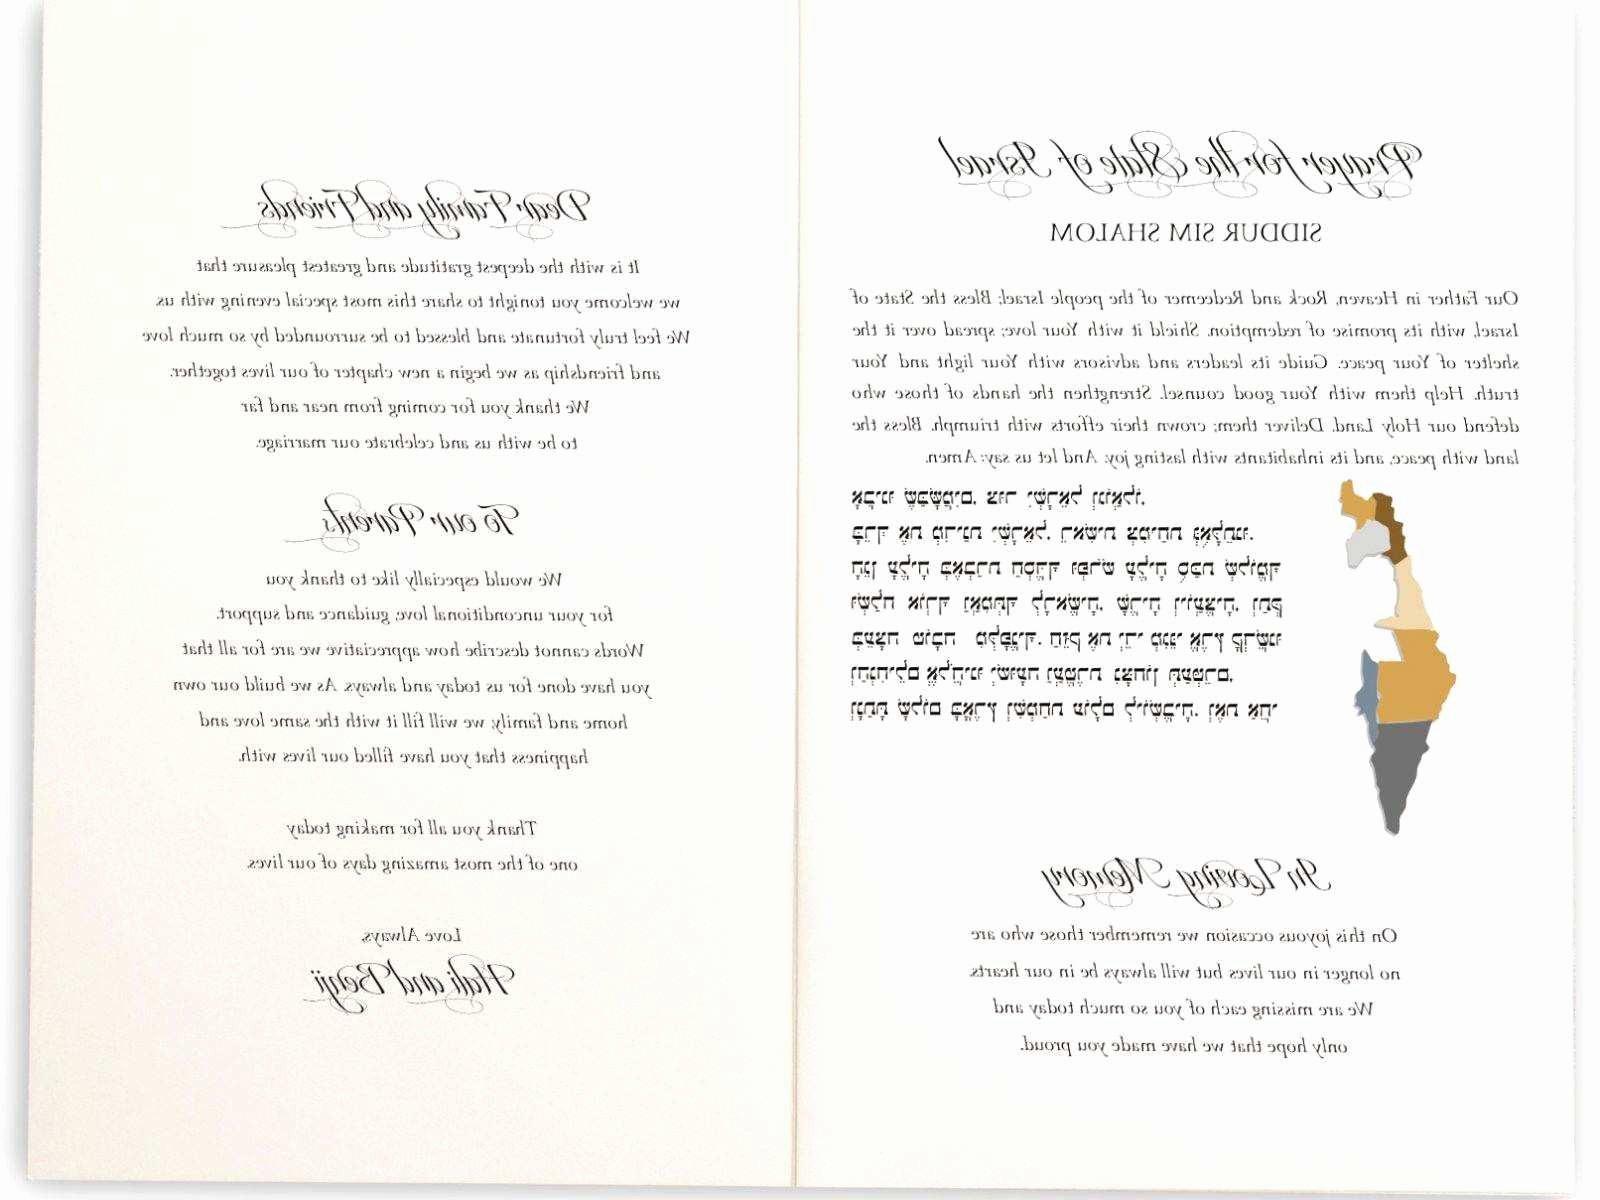 Filipino Catholic Wedding Program Unique 22 Catholic Wedding Ceremony Program Template with Mass